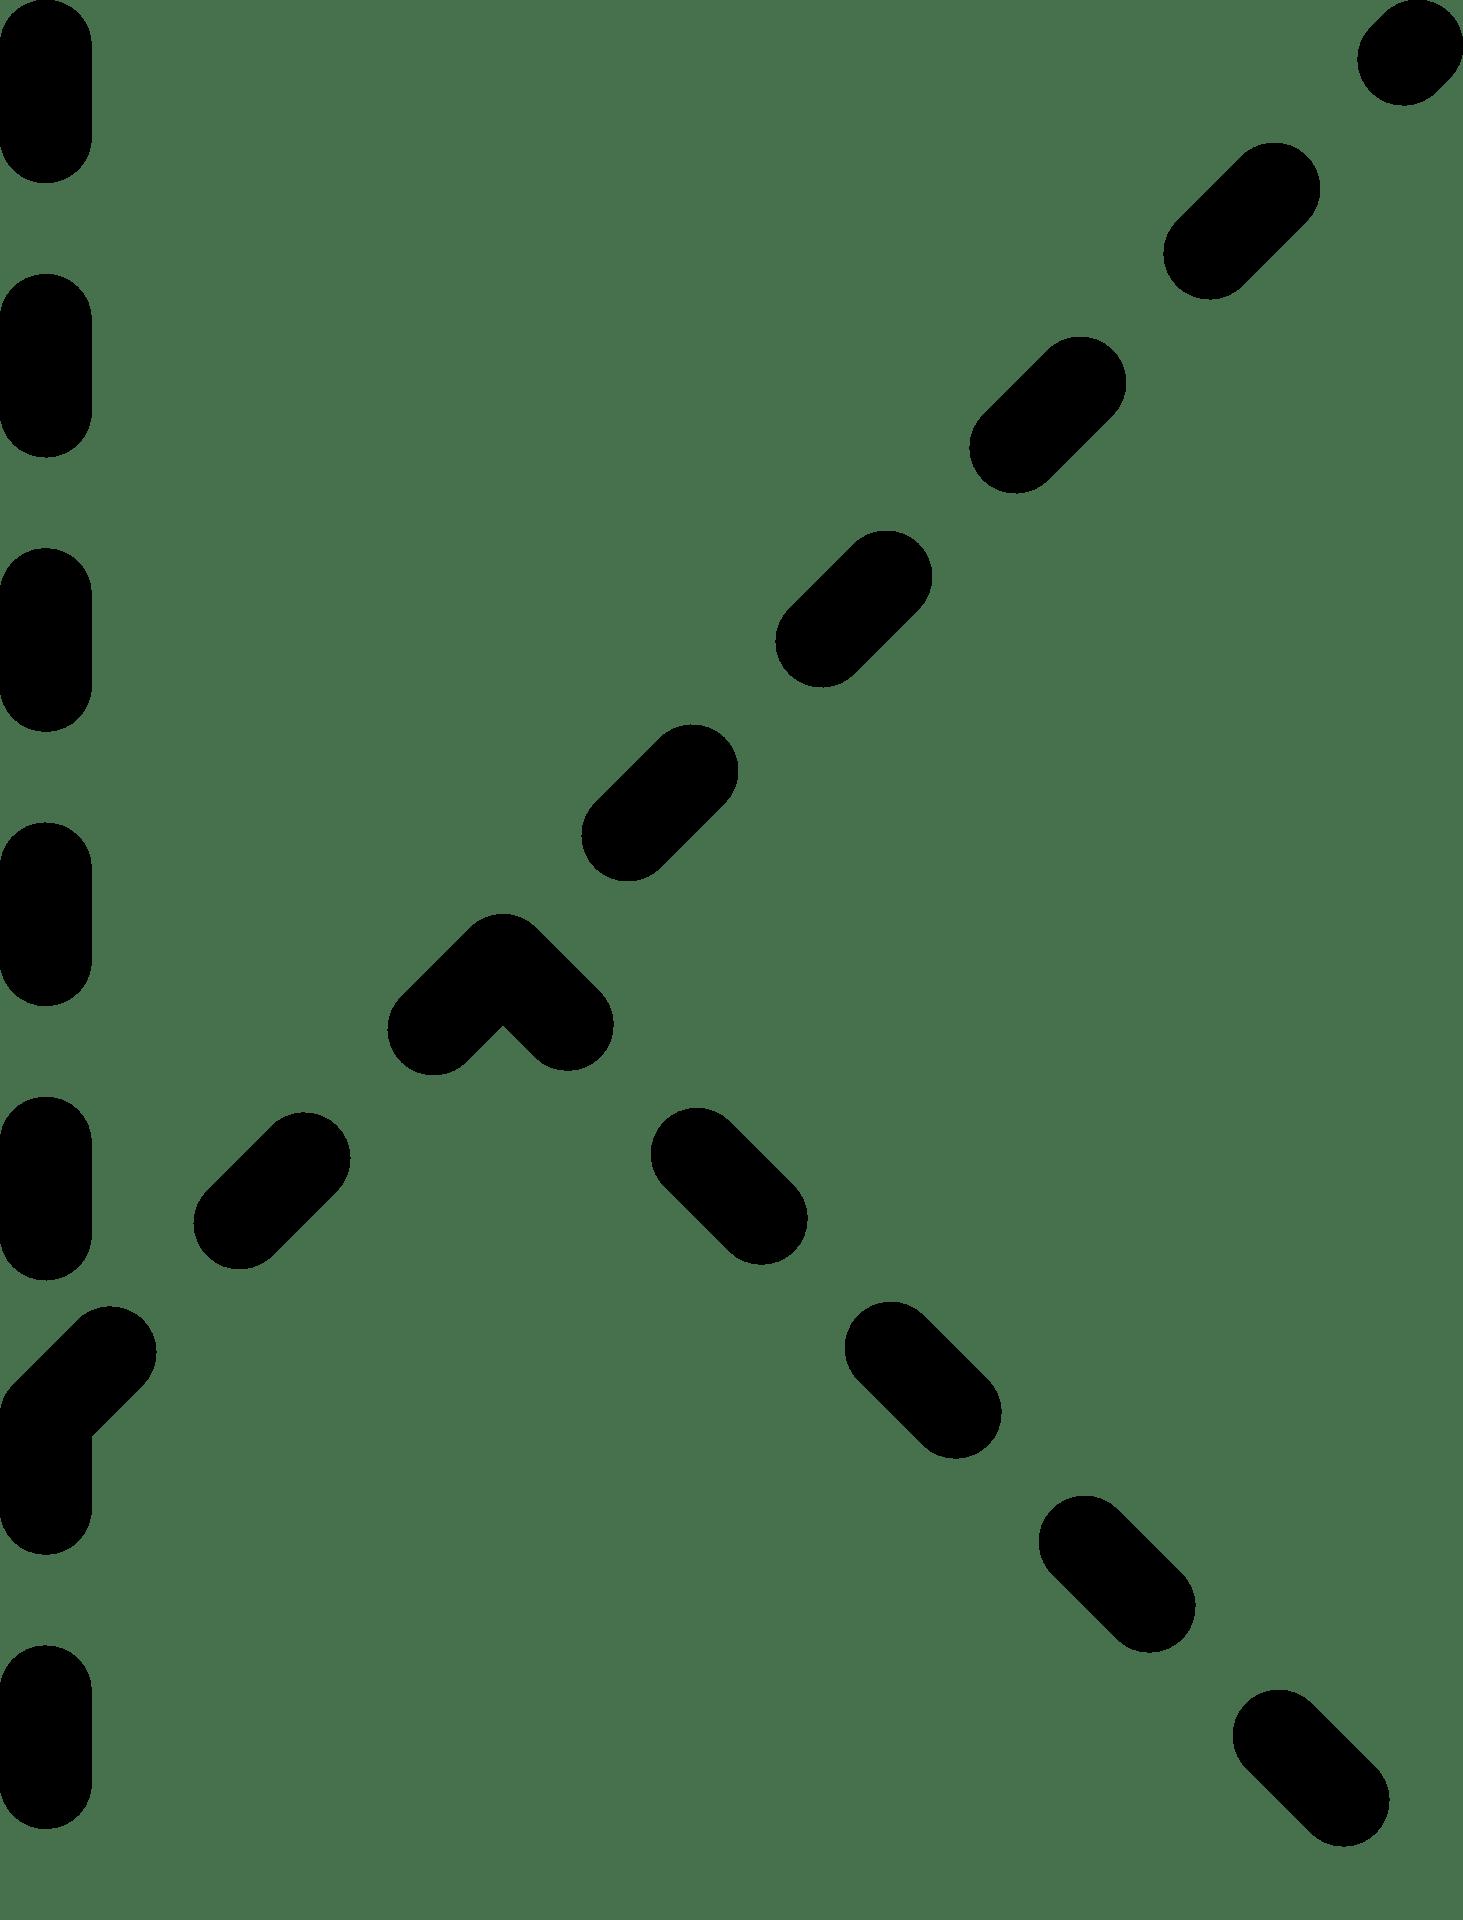 Dashed line of alphabet letter K free image